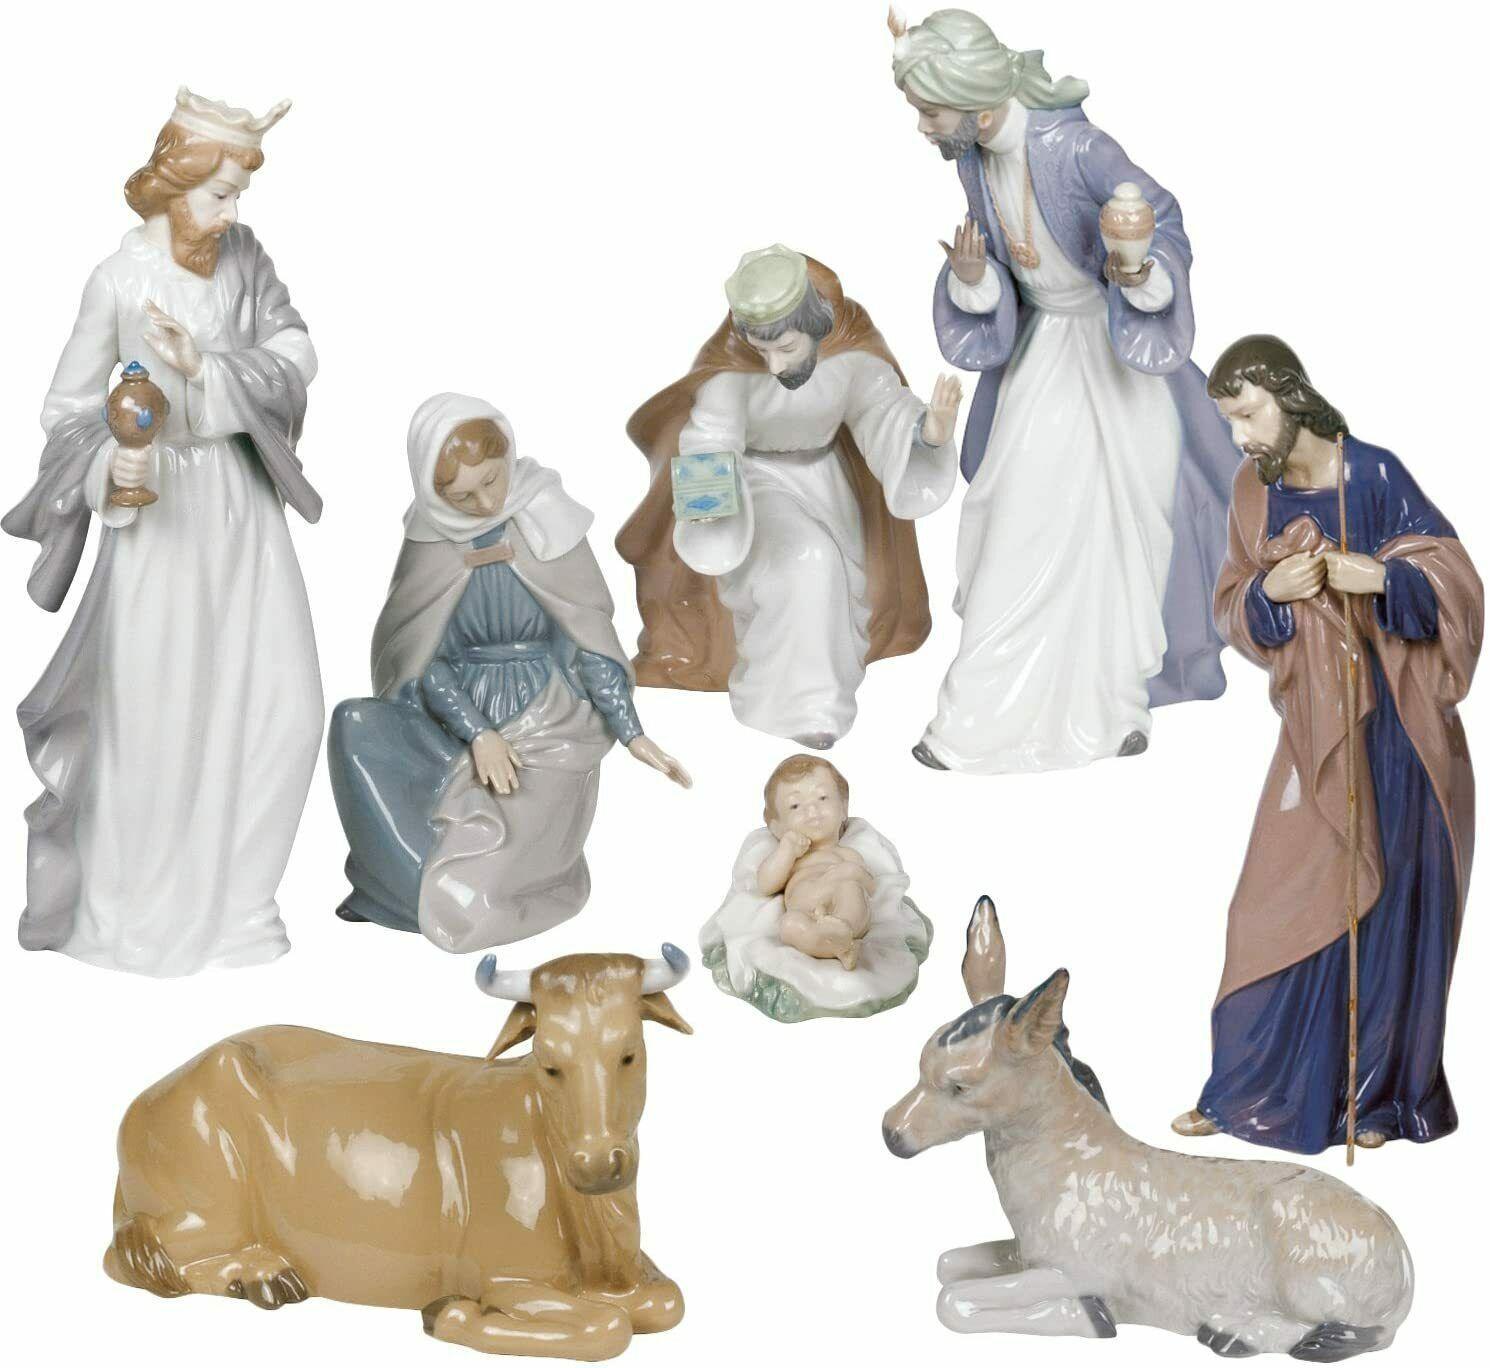 NAO Nativity Set Holy Family Baby Jesus, Mary, Josef, Three Kings Christmas New - $970.60